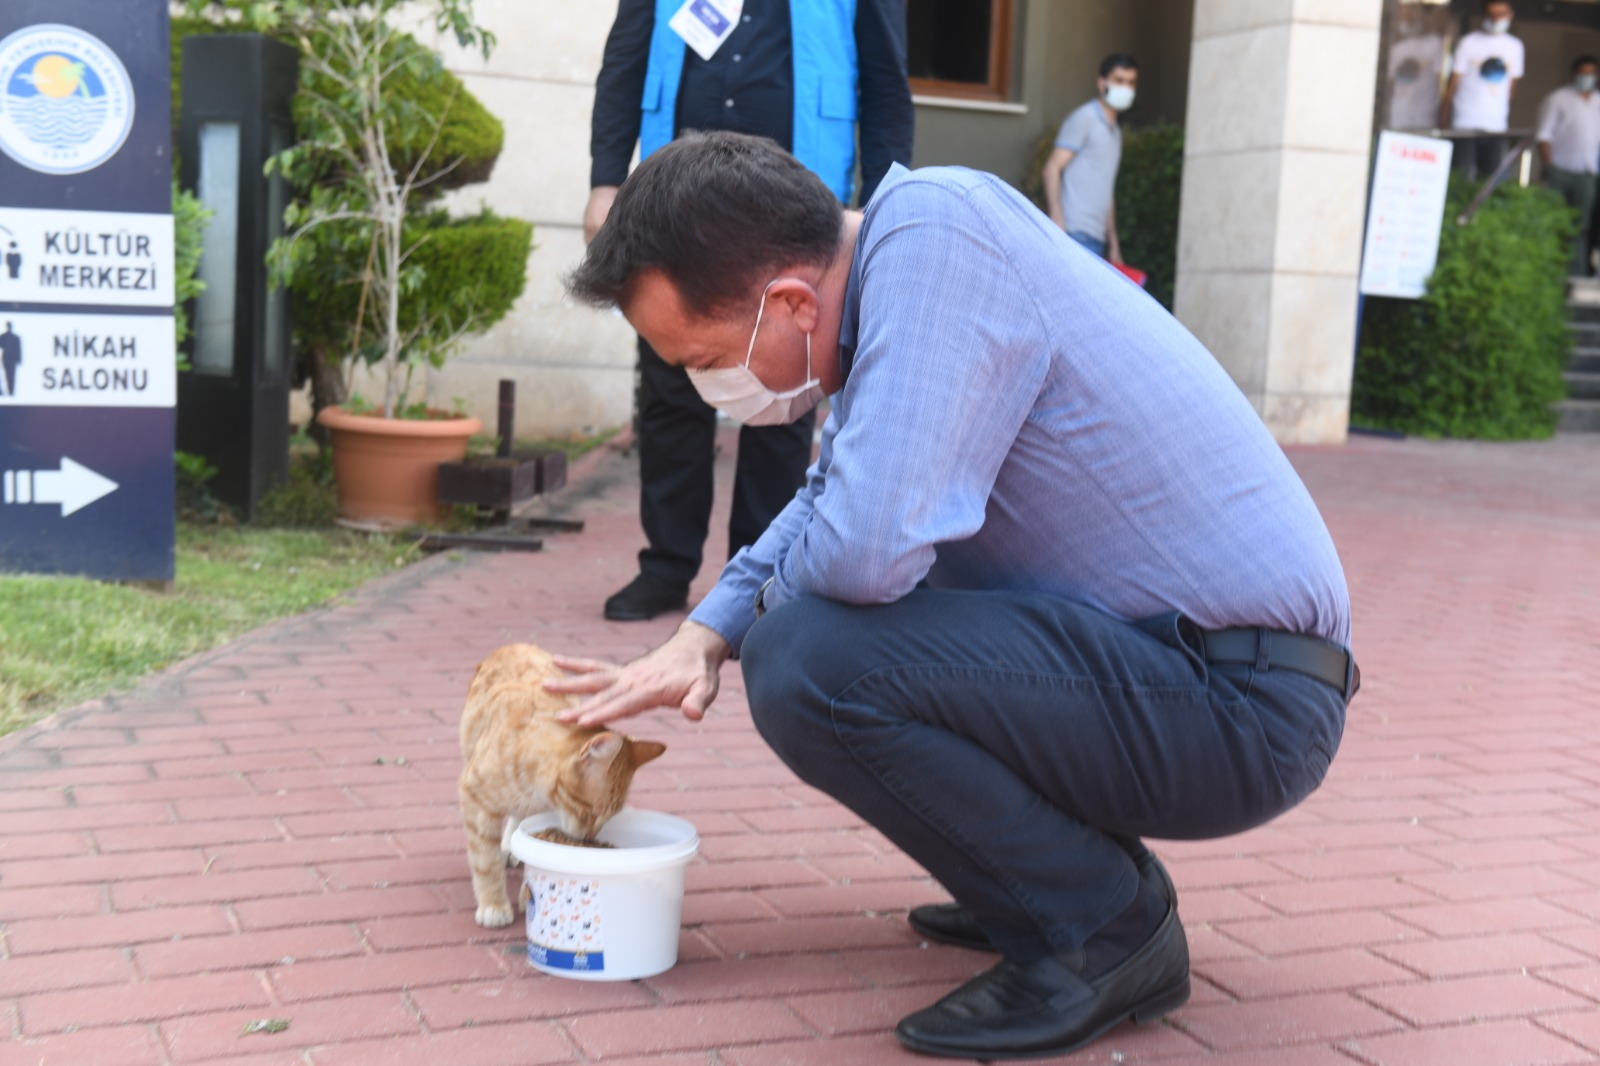 Yenişehir Belediyesi sokak hayvanlarını yalnız bırakmıyor